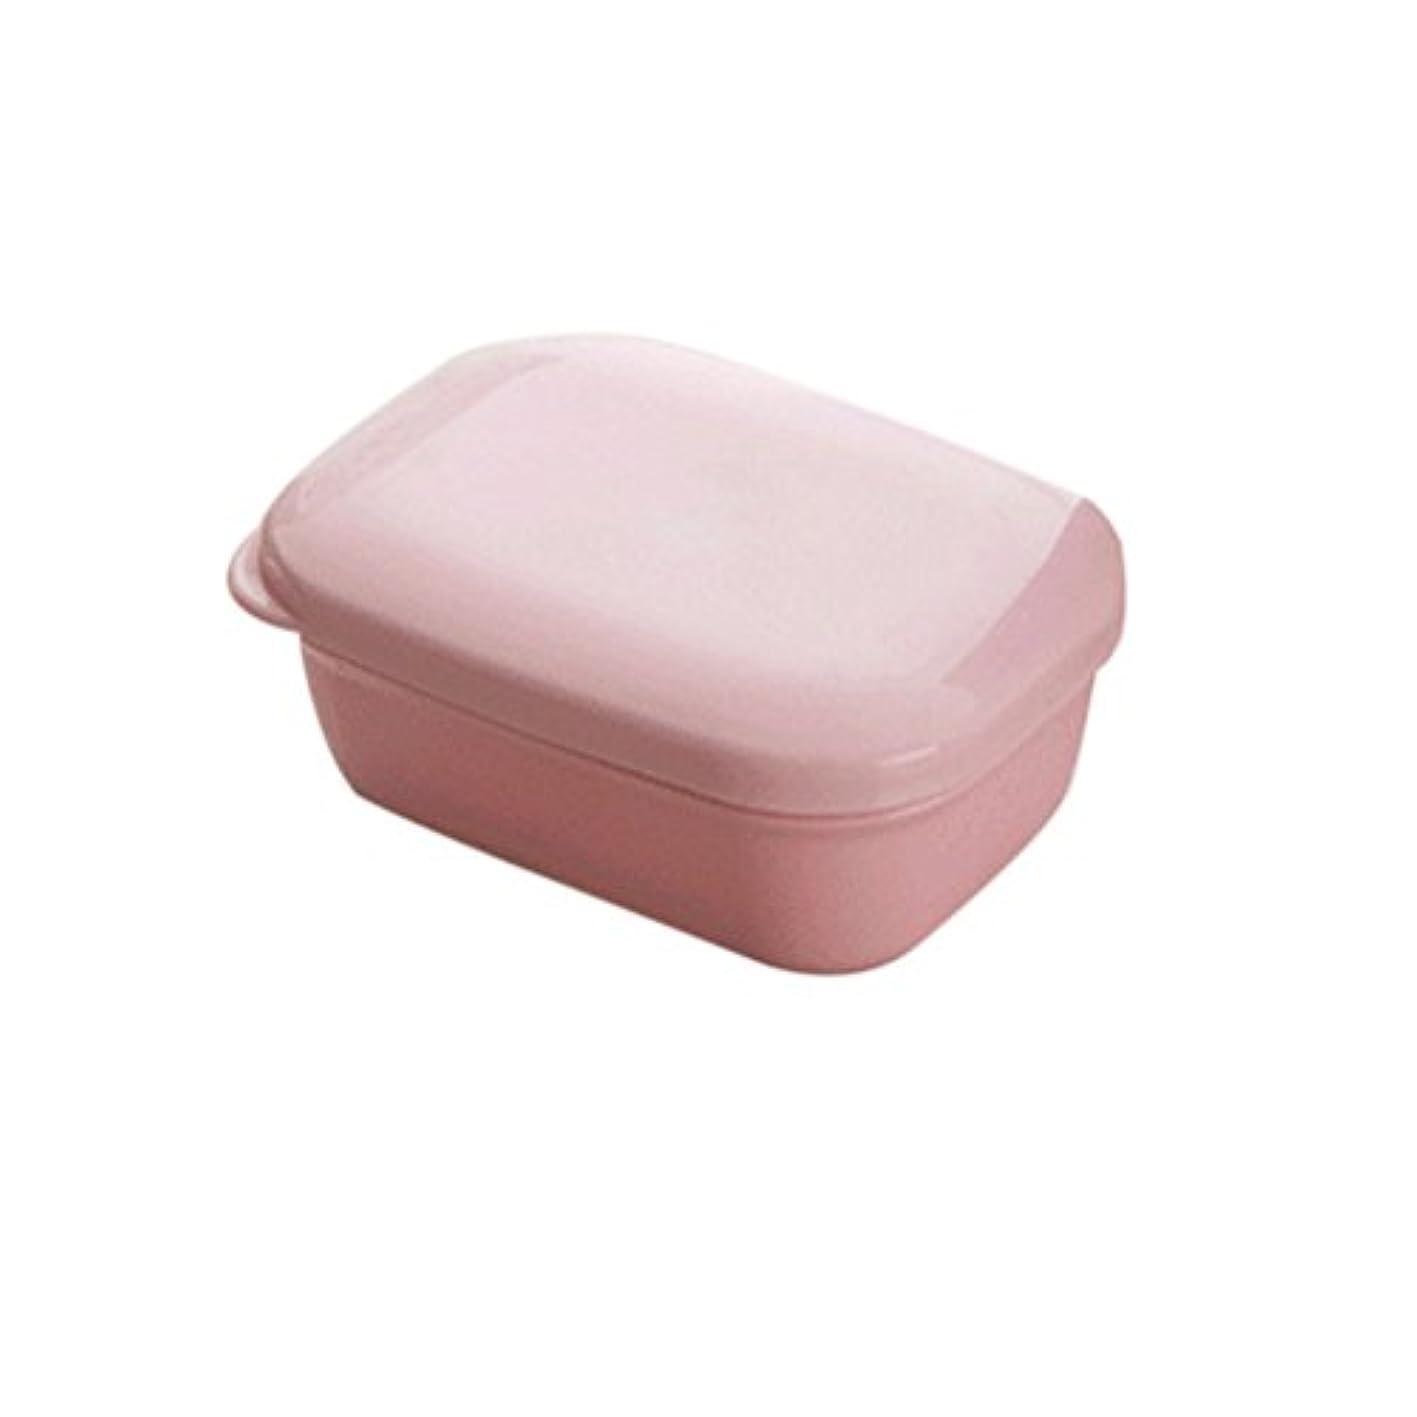 ムスタチオ最後のスラム街BESTOMZ 石鹸ケース 石鹸置き ソープディッシュ 旅行用 携帯 ふた付け(ピンク)